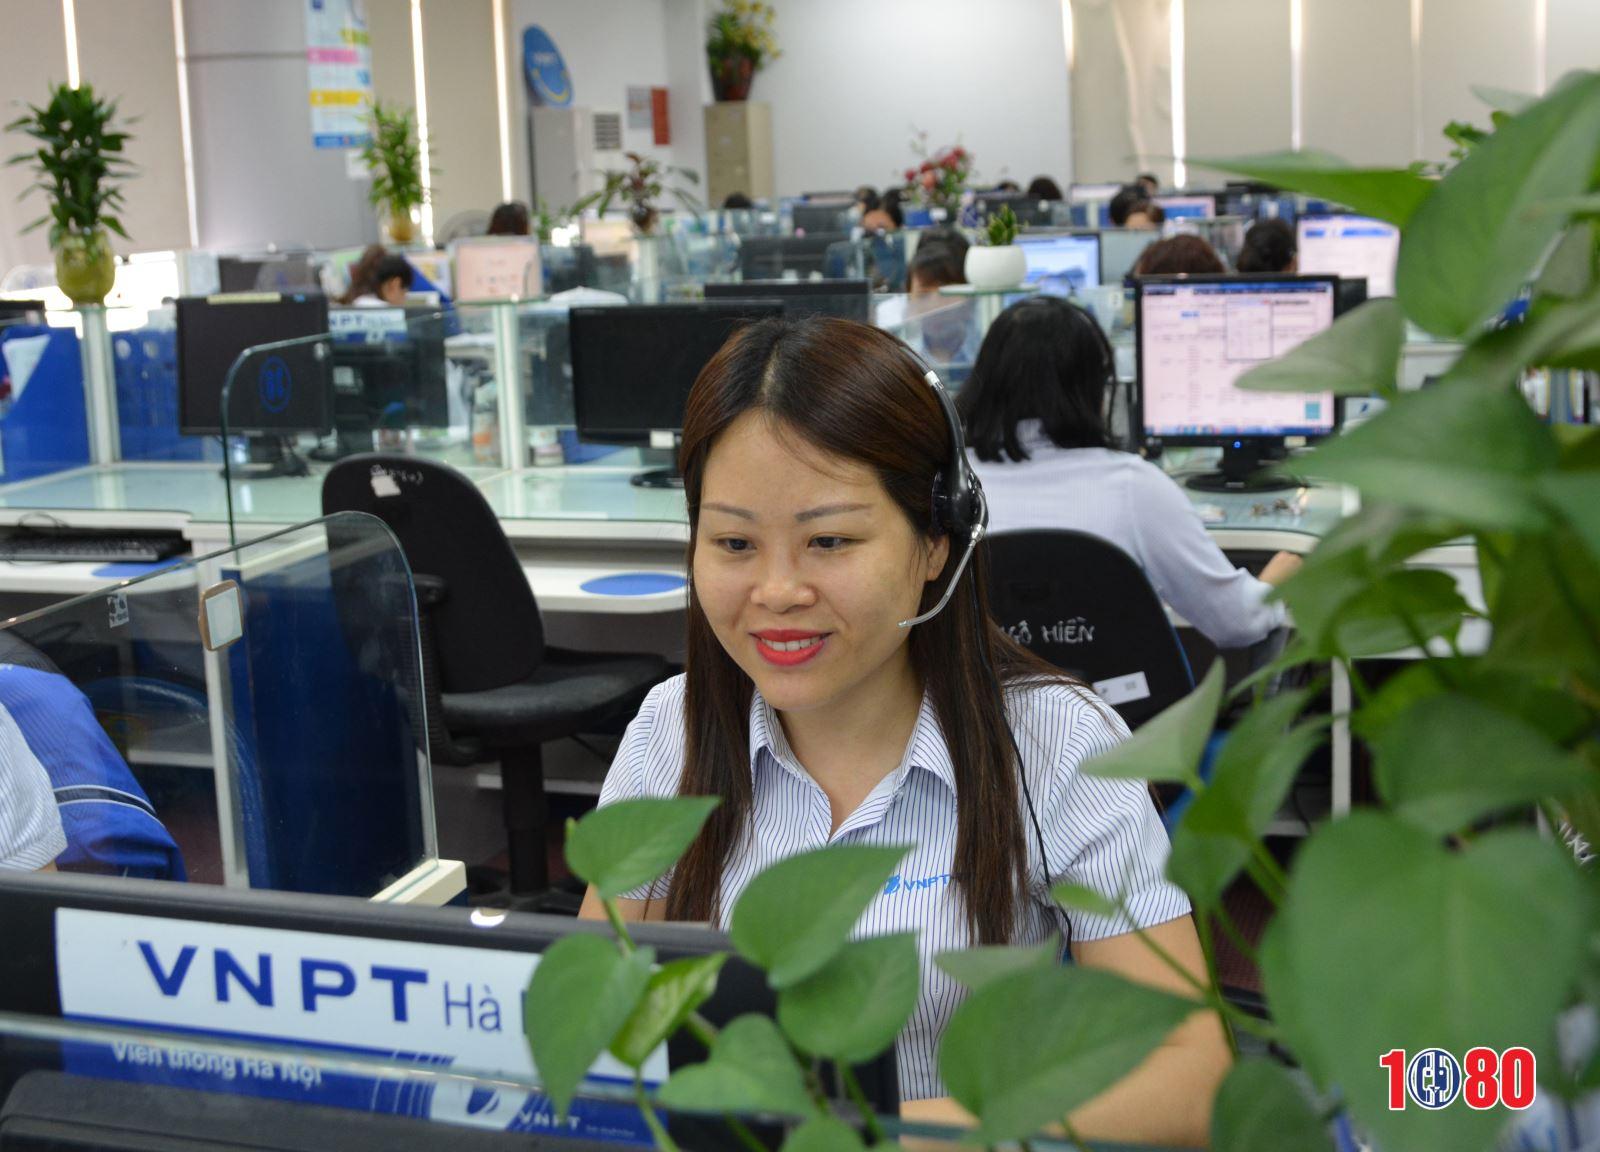 Các kênh đăng ký lắp đặt dịch vụ Viễn thông VNPT tại Hà Nội